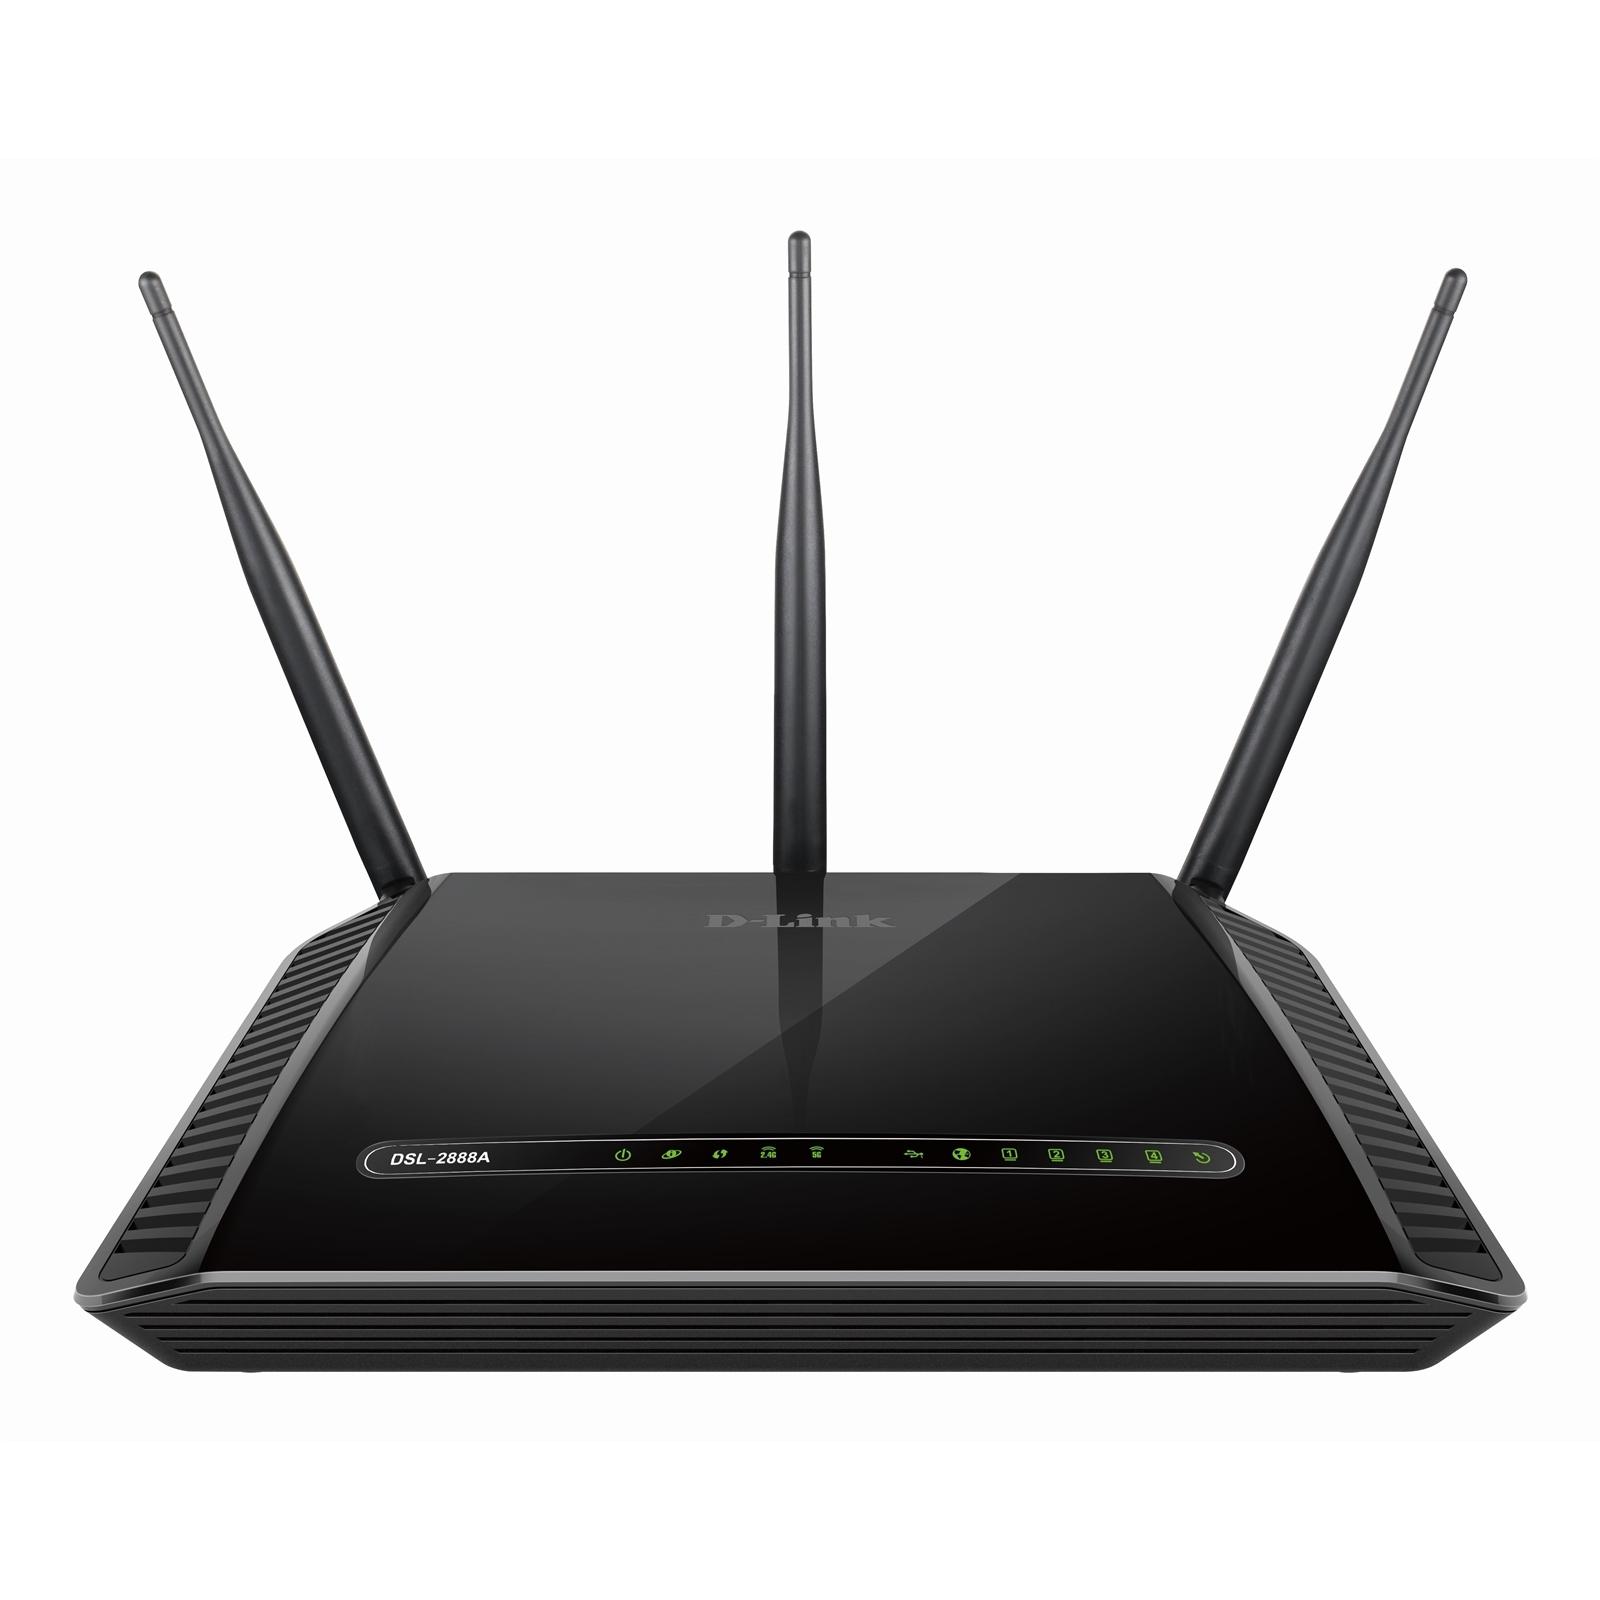 D-Link Python AC1600 ADSL2+ / VDSL2 Modem Router